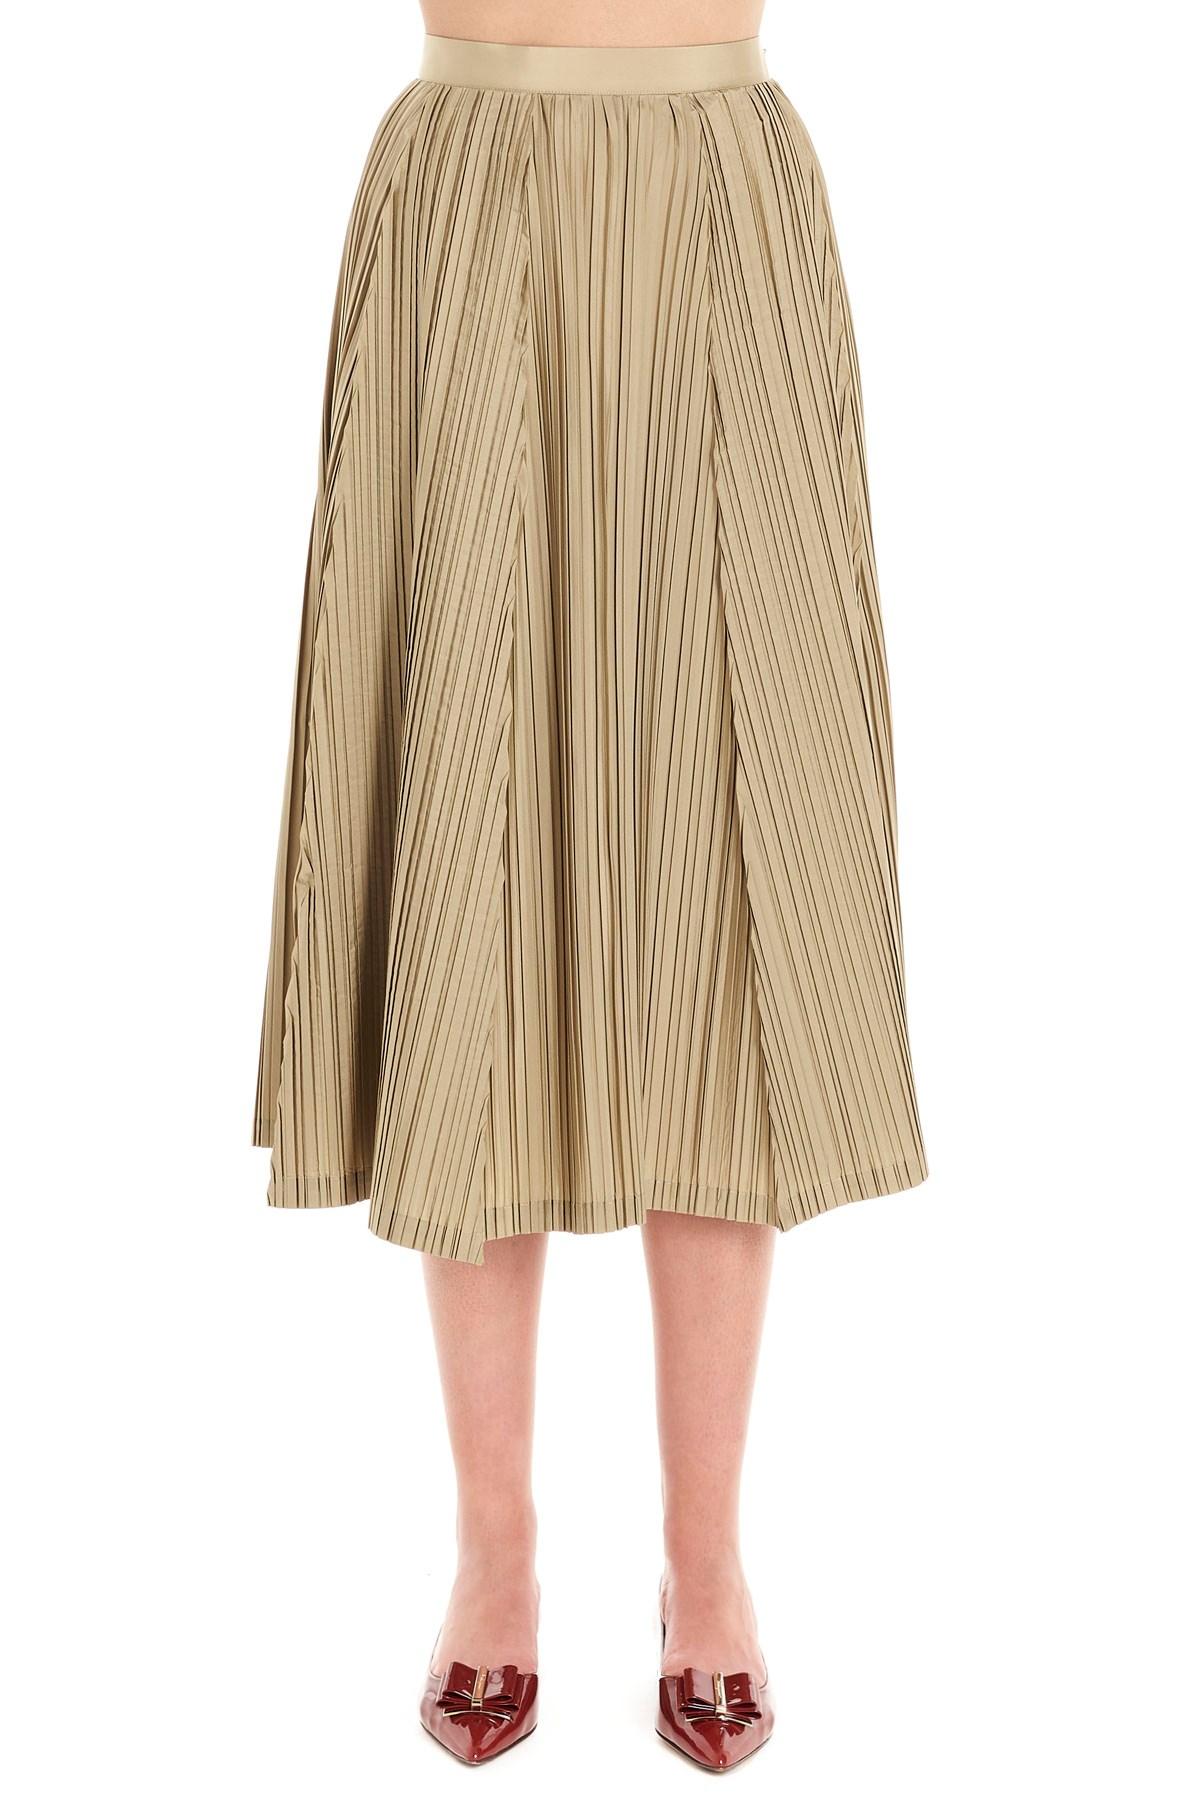 Easy origami skirt (med billeder) | Kort, Papir, Skabeloner | 1800x1200